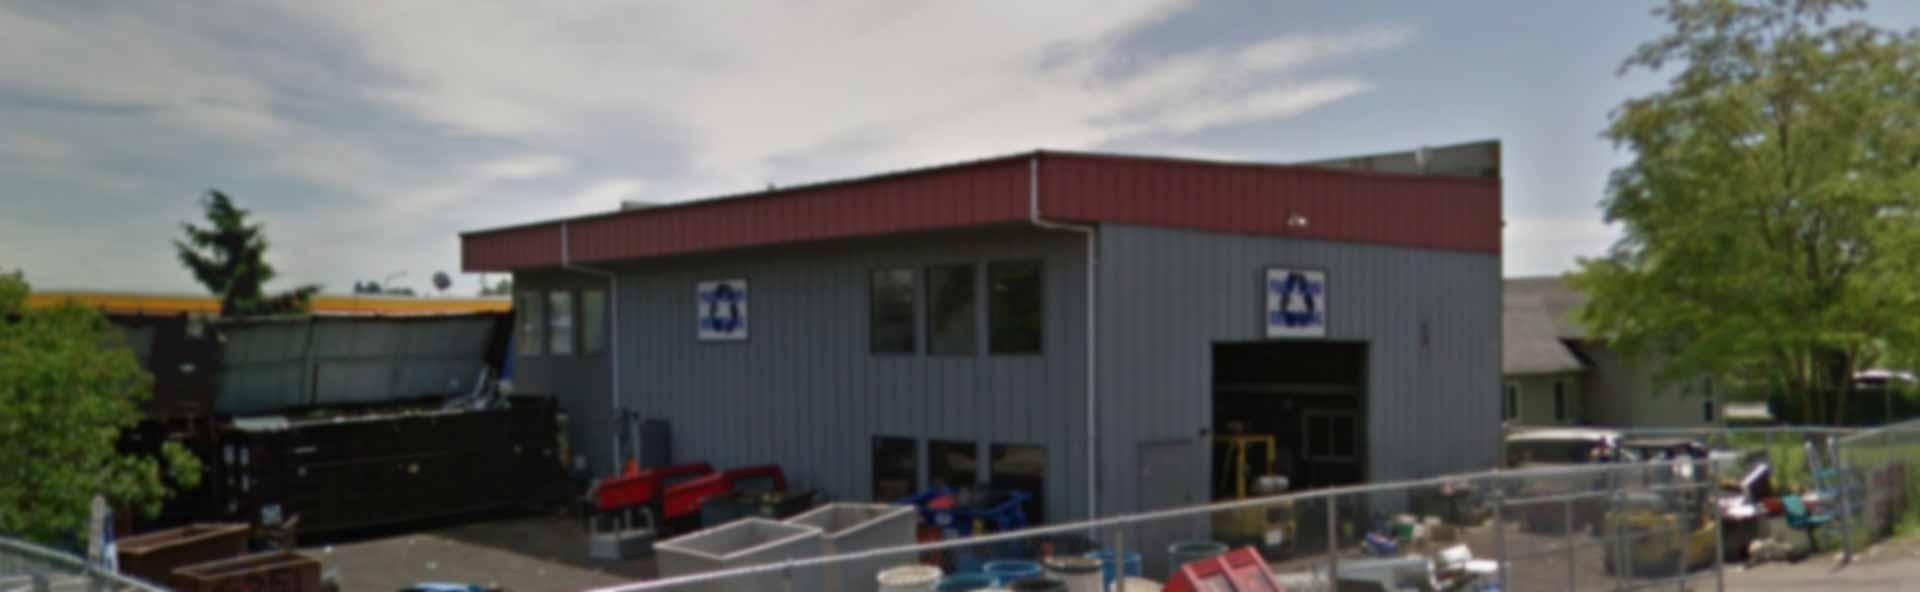 Tacoma Recycling Center